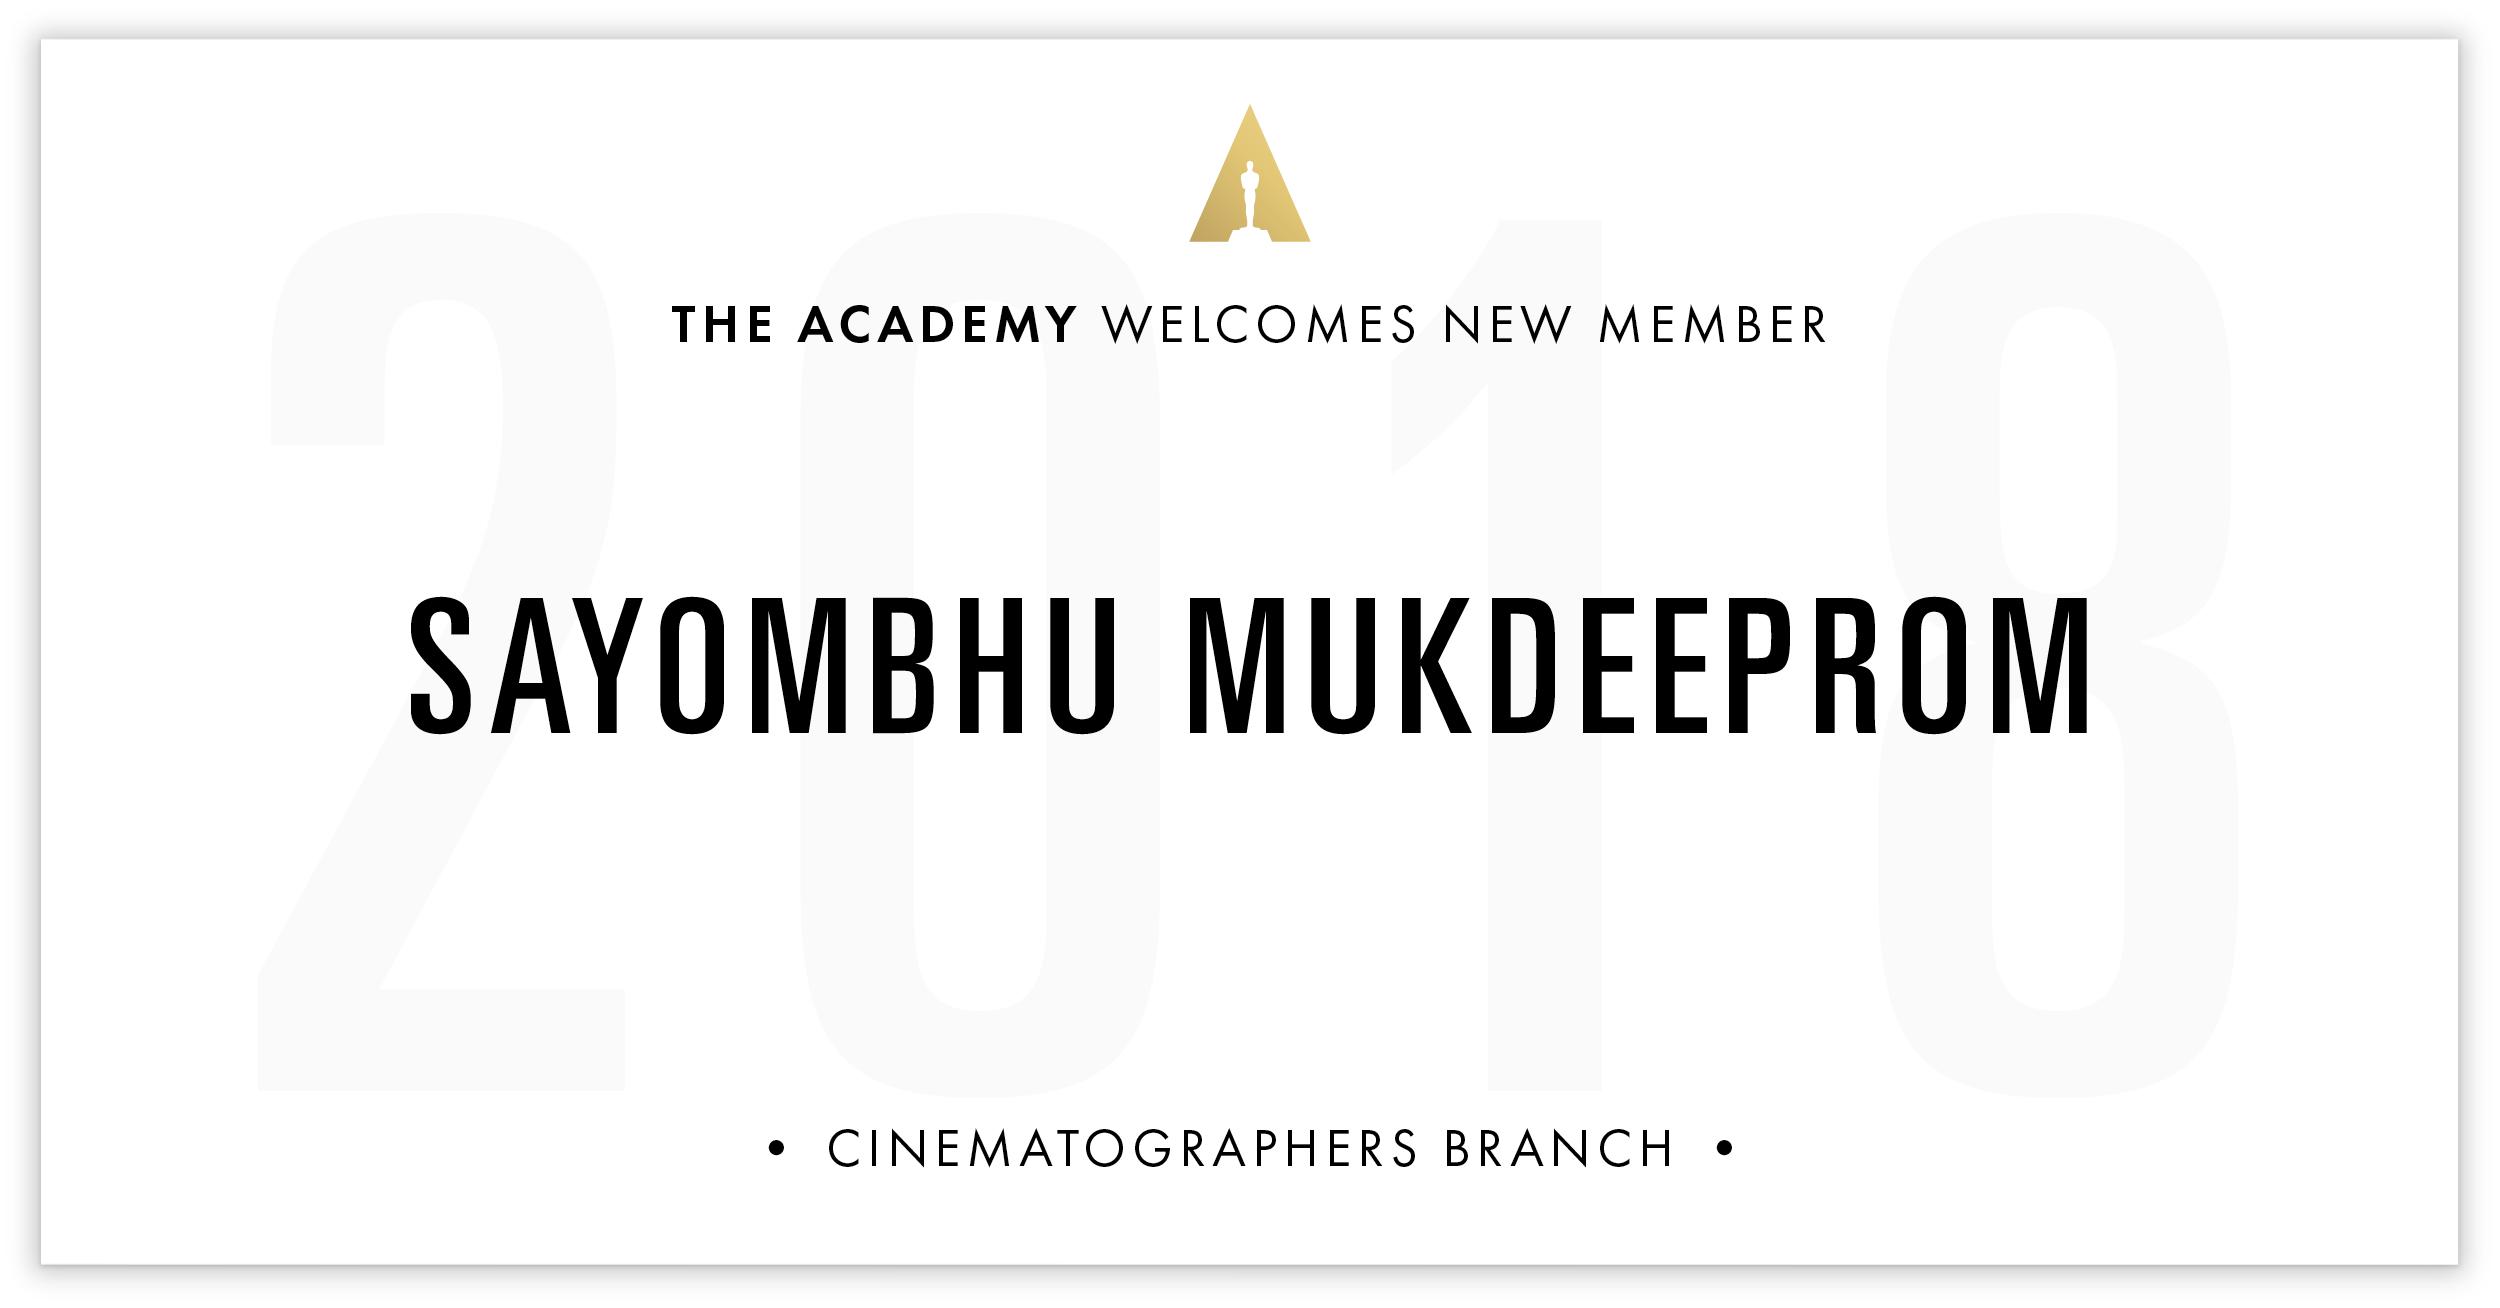 Sayombhu Mukdeeprom is invited!